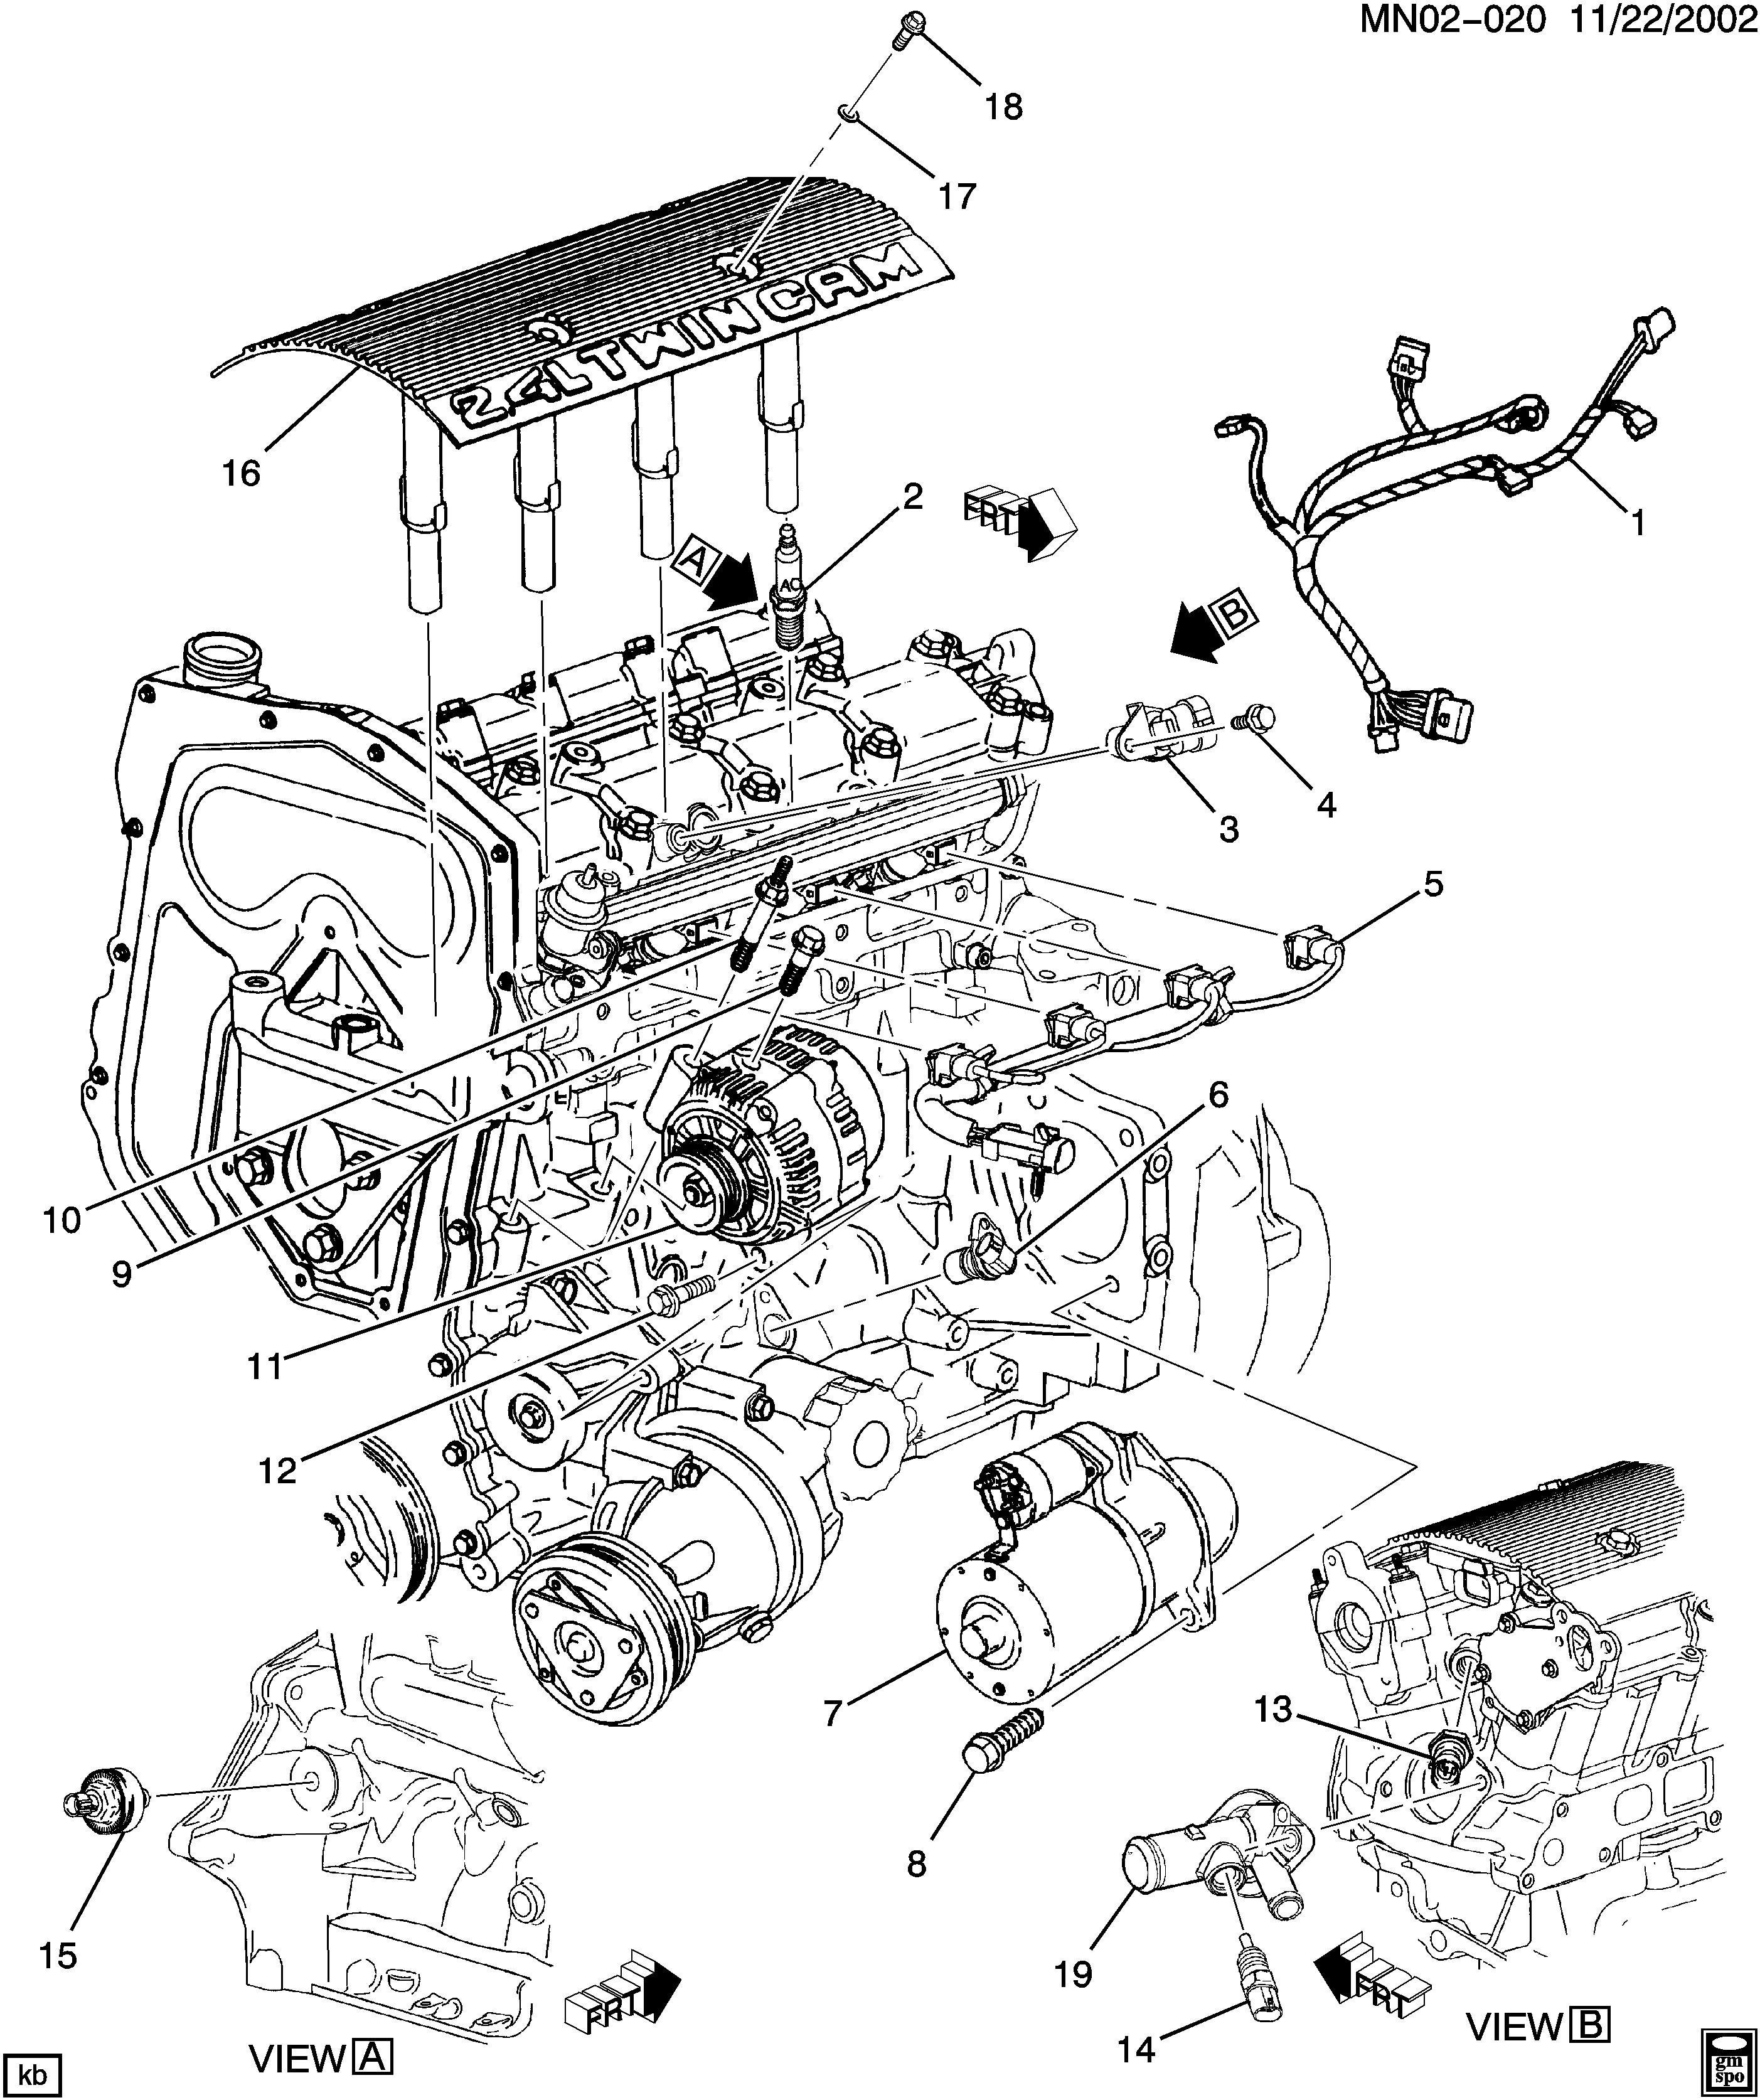 Pontiac Grand Am Engine Diagram Pontiac Grand Am N Engine Electrical Ld9 2 4t Epc Of Pontiac Grand Am Engine Diagram